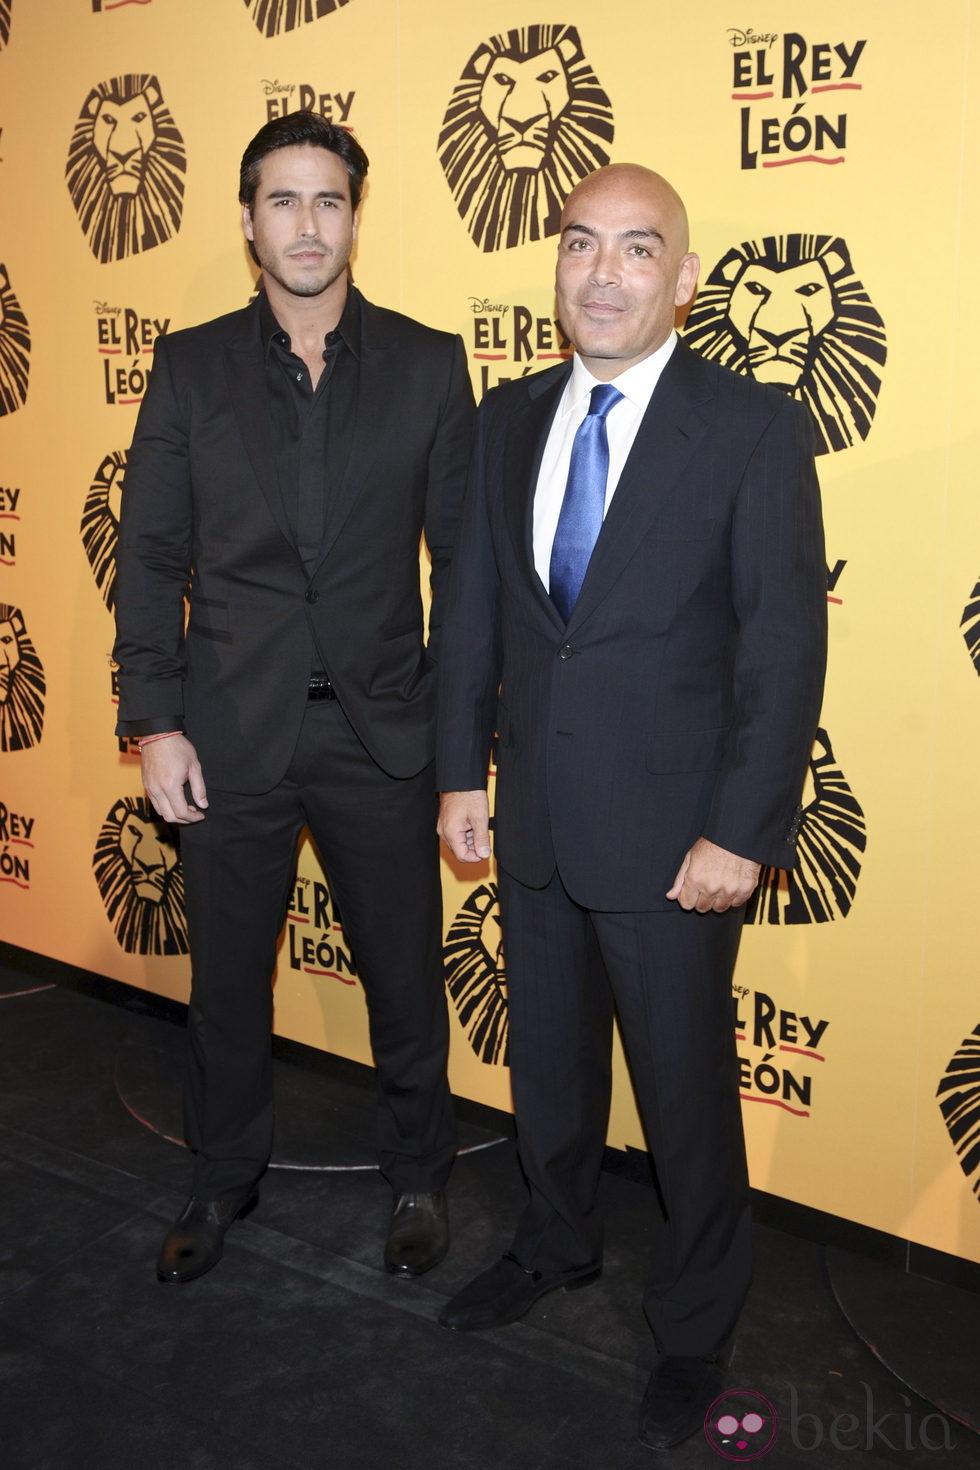 Raúl Olivo y Kike Sarasola en el estreno del musical 'El Rey León' en Madrid